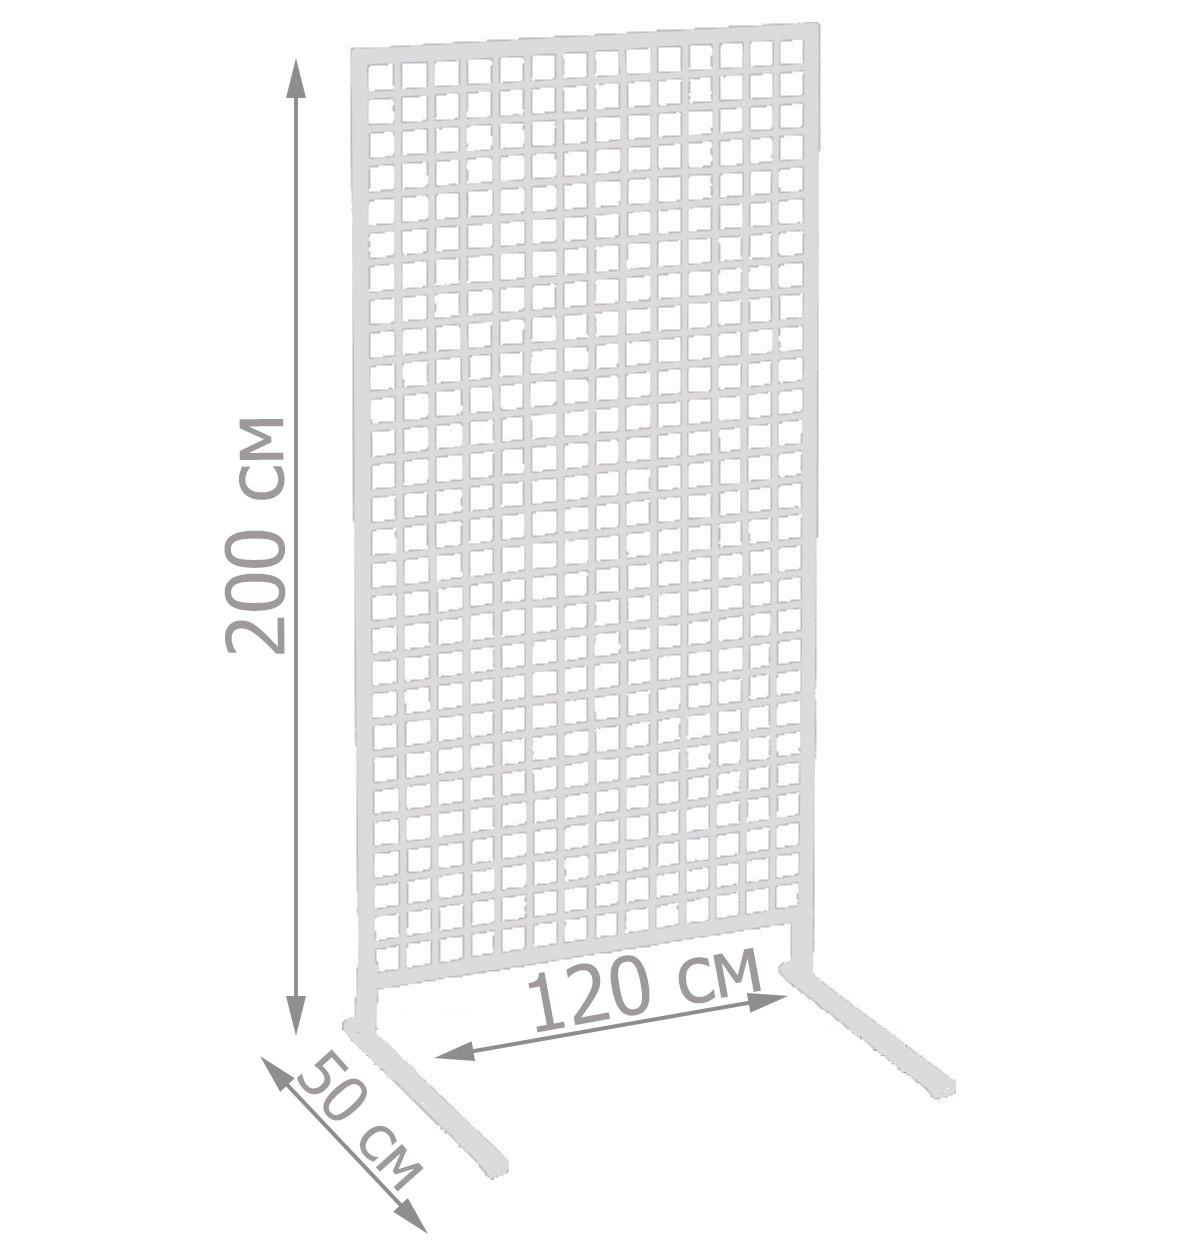 Торговая сетка стойка на ножках 200/120см (от производителя оптом и в розницу)